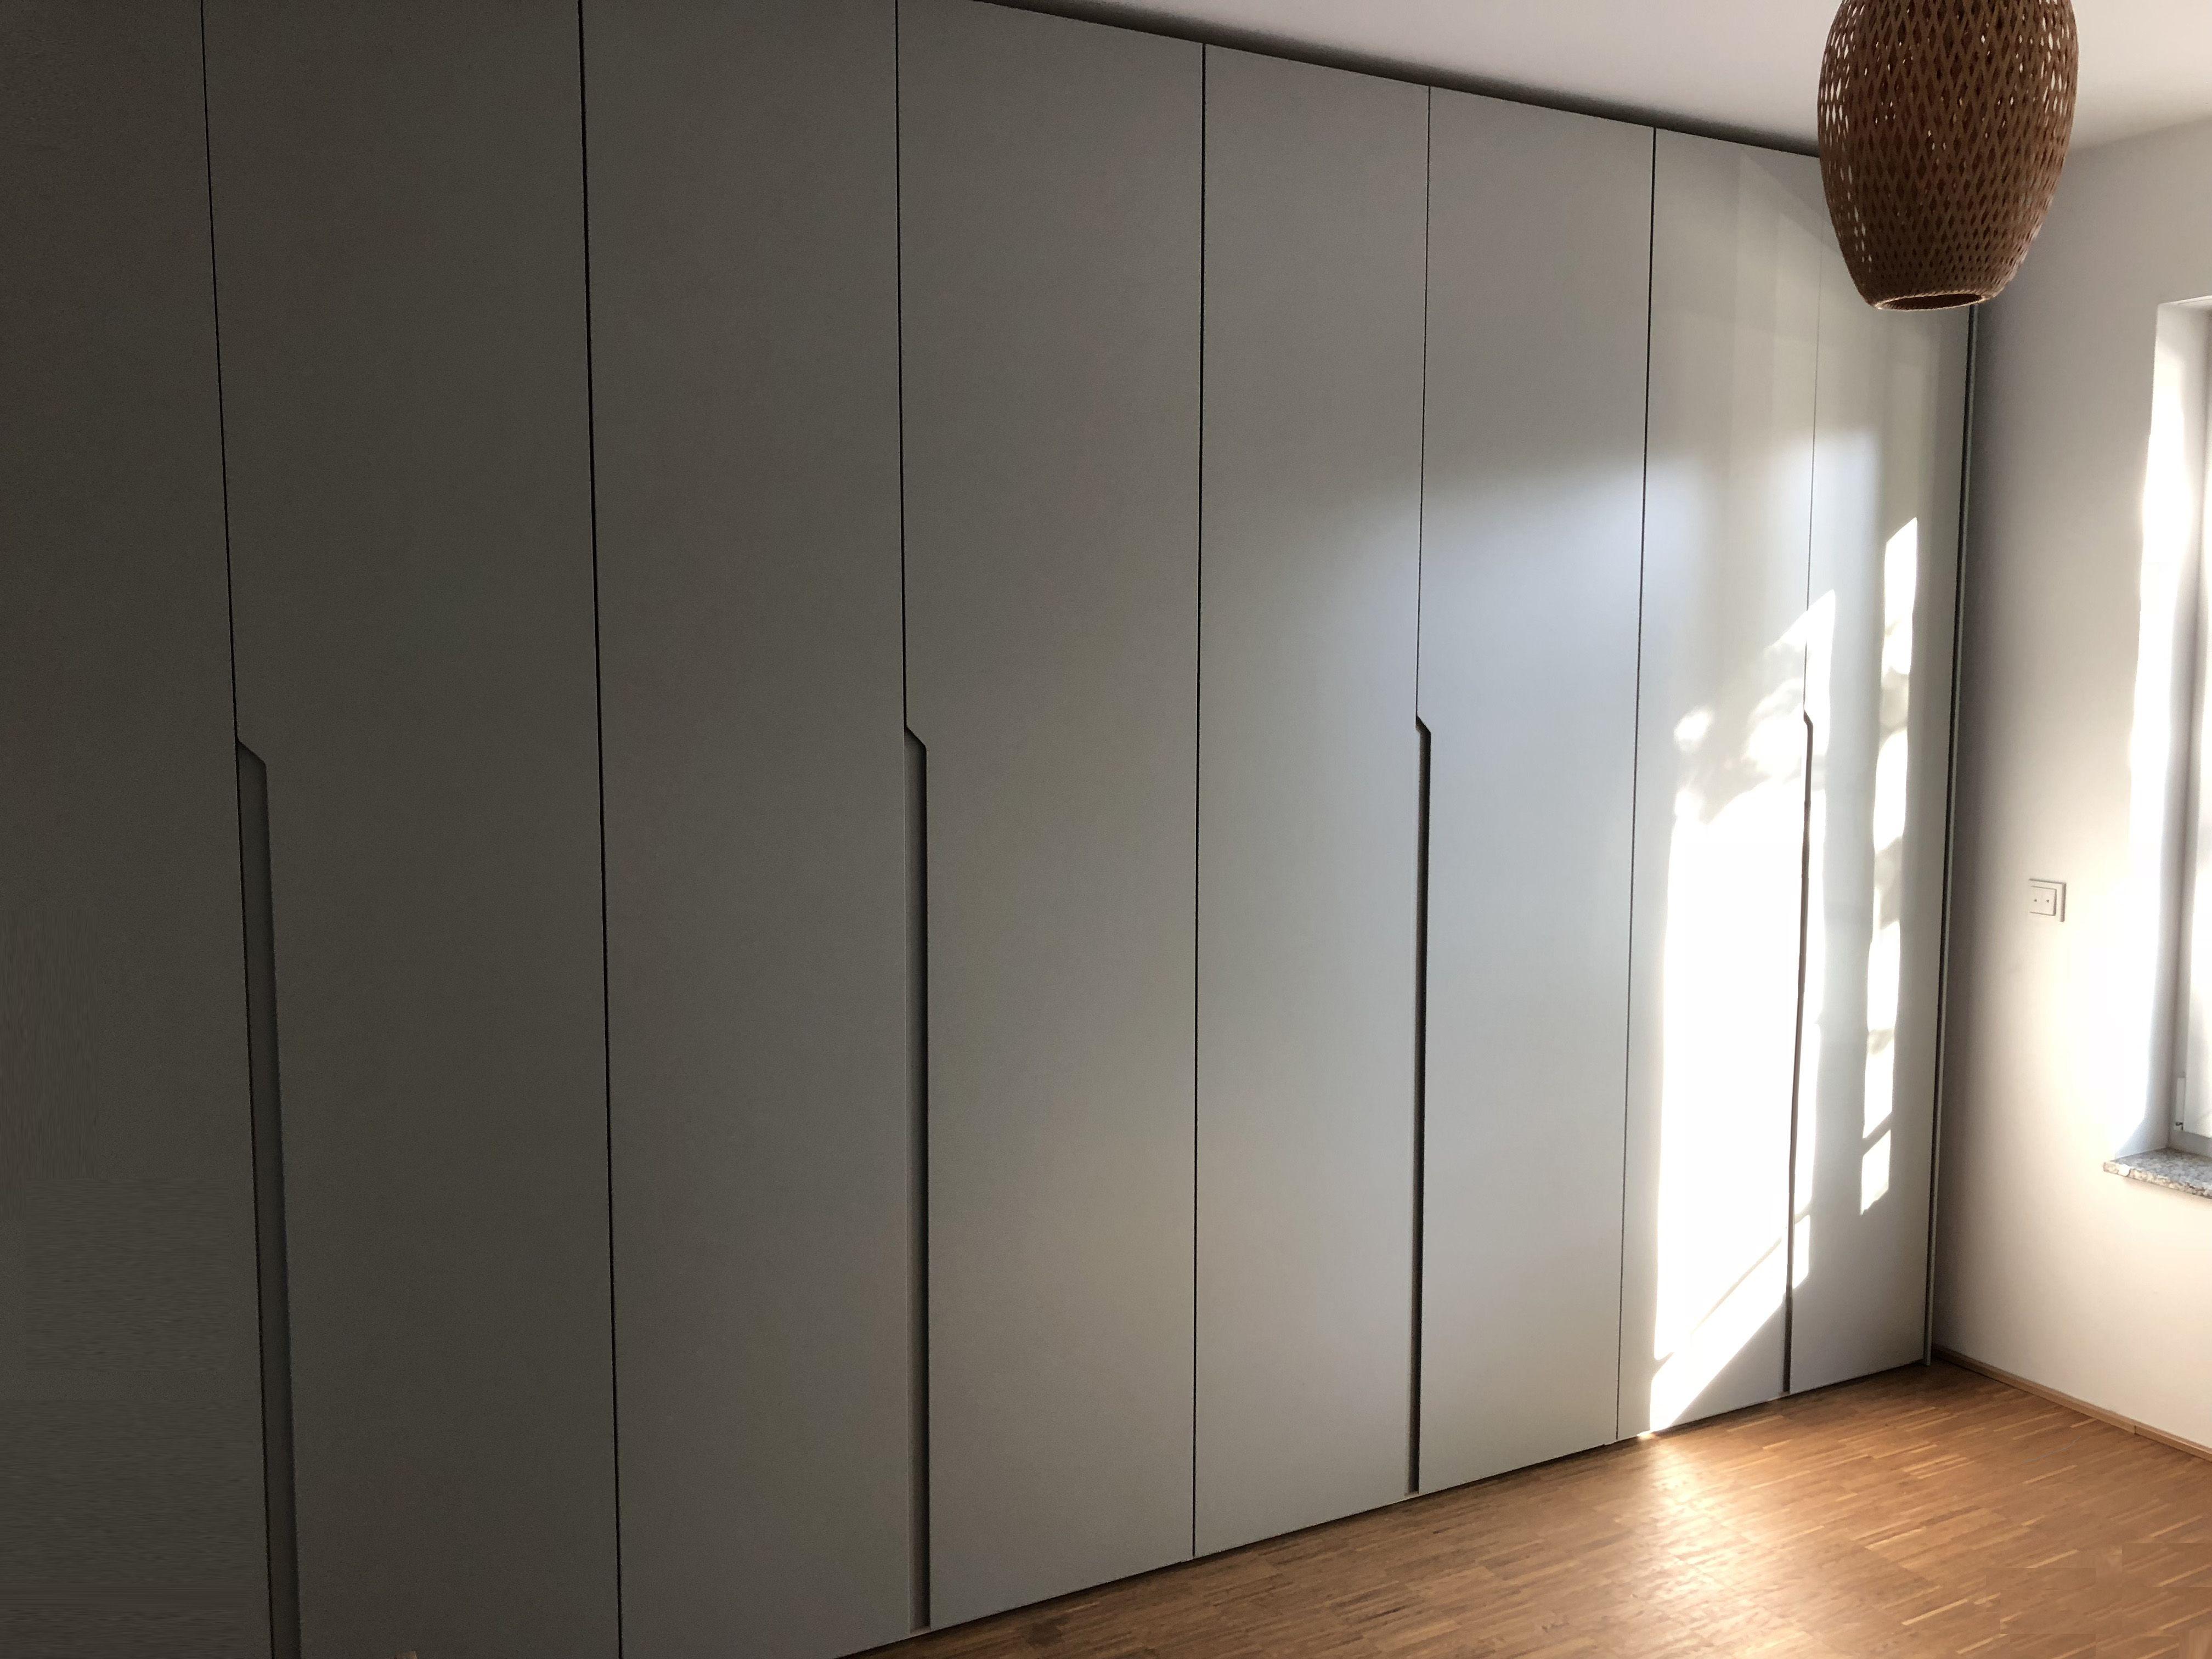 Idaw Schrank Nach Mass Einbauschranke Und Design Kommoden Room Divider Home Decor Design